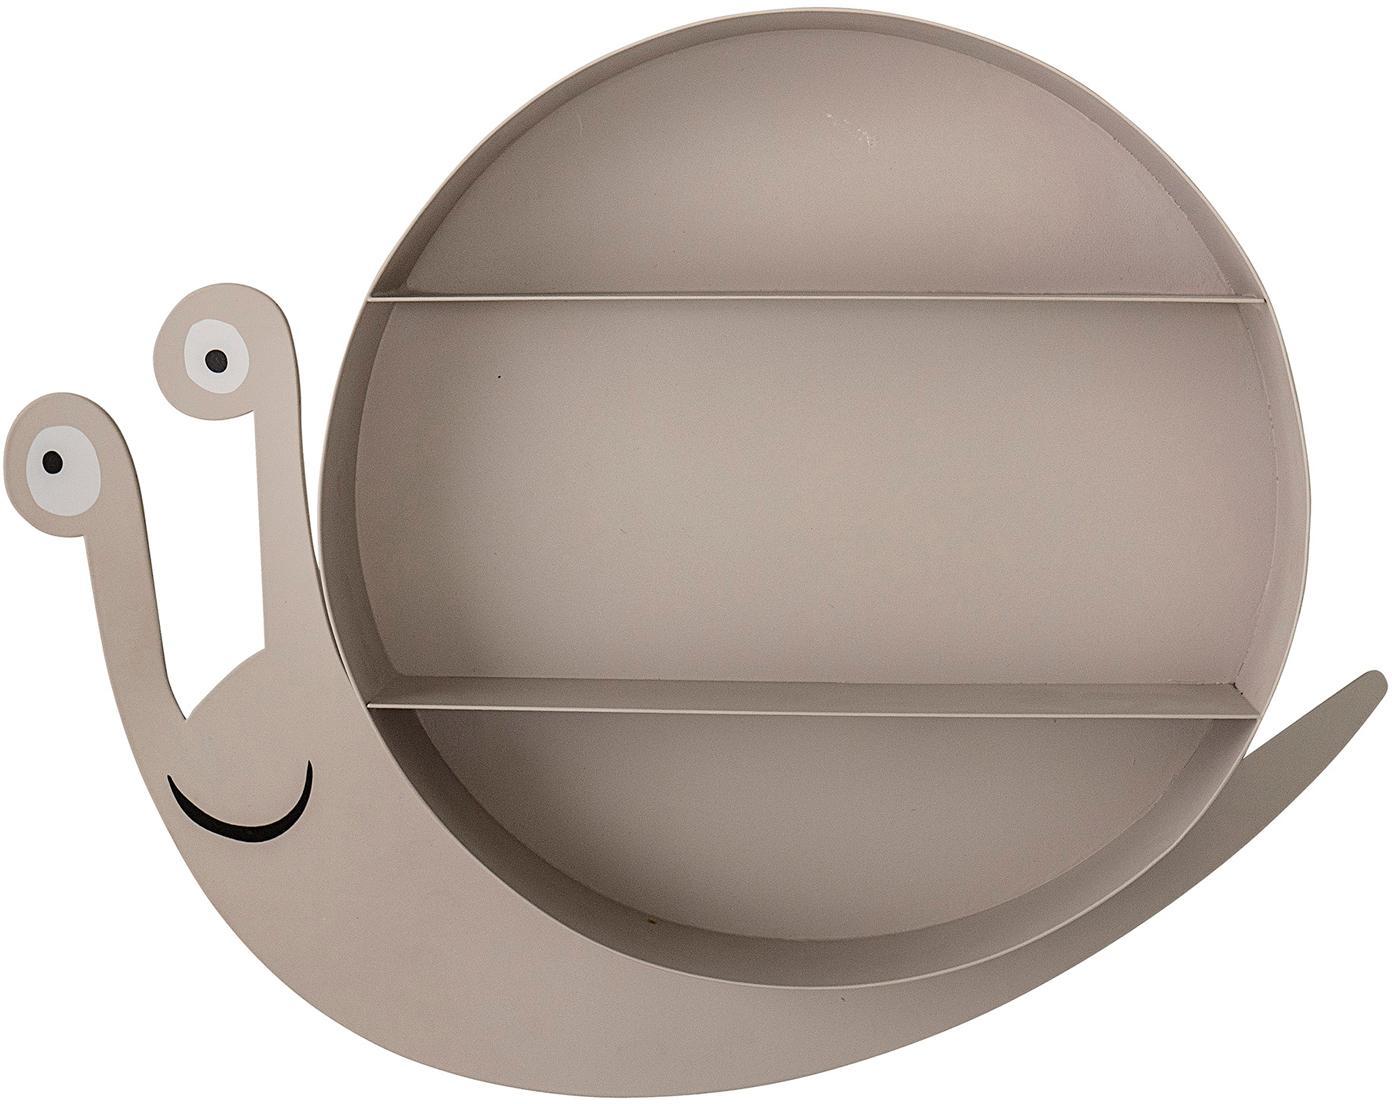 Mensola a muro in metallo Slimy, Metallo verniciato, Marrone, Larg. 50 x Alt. 40 cm